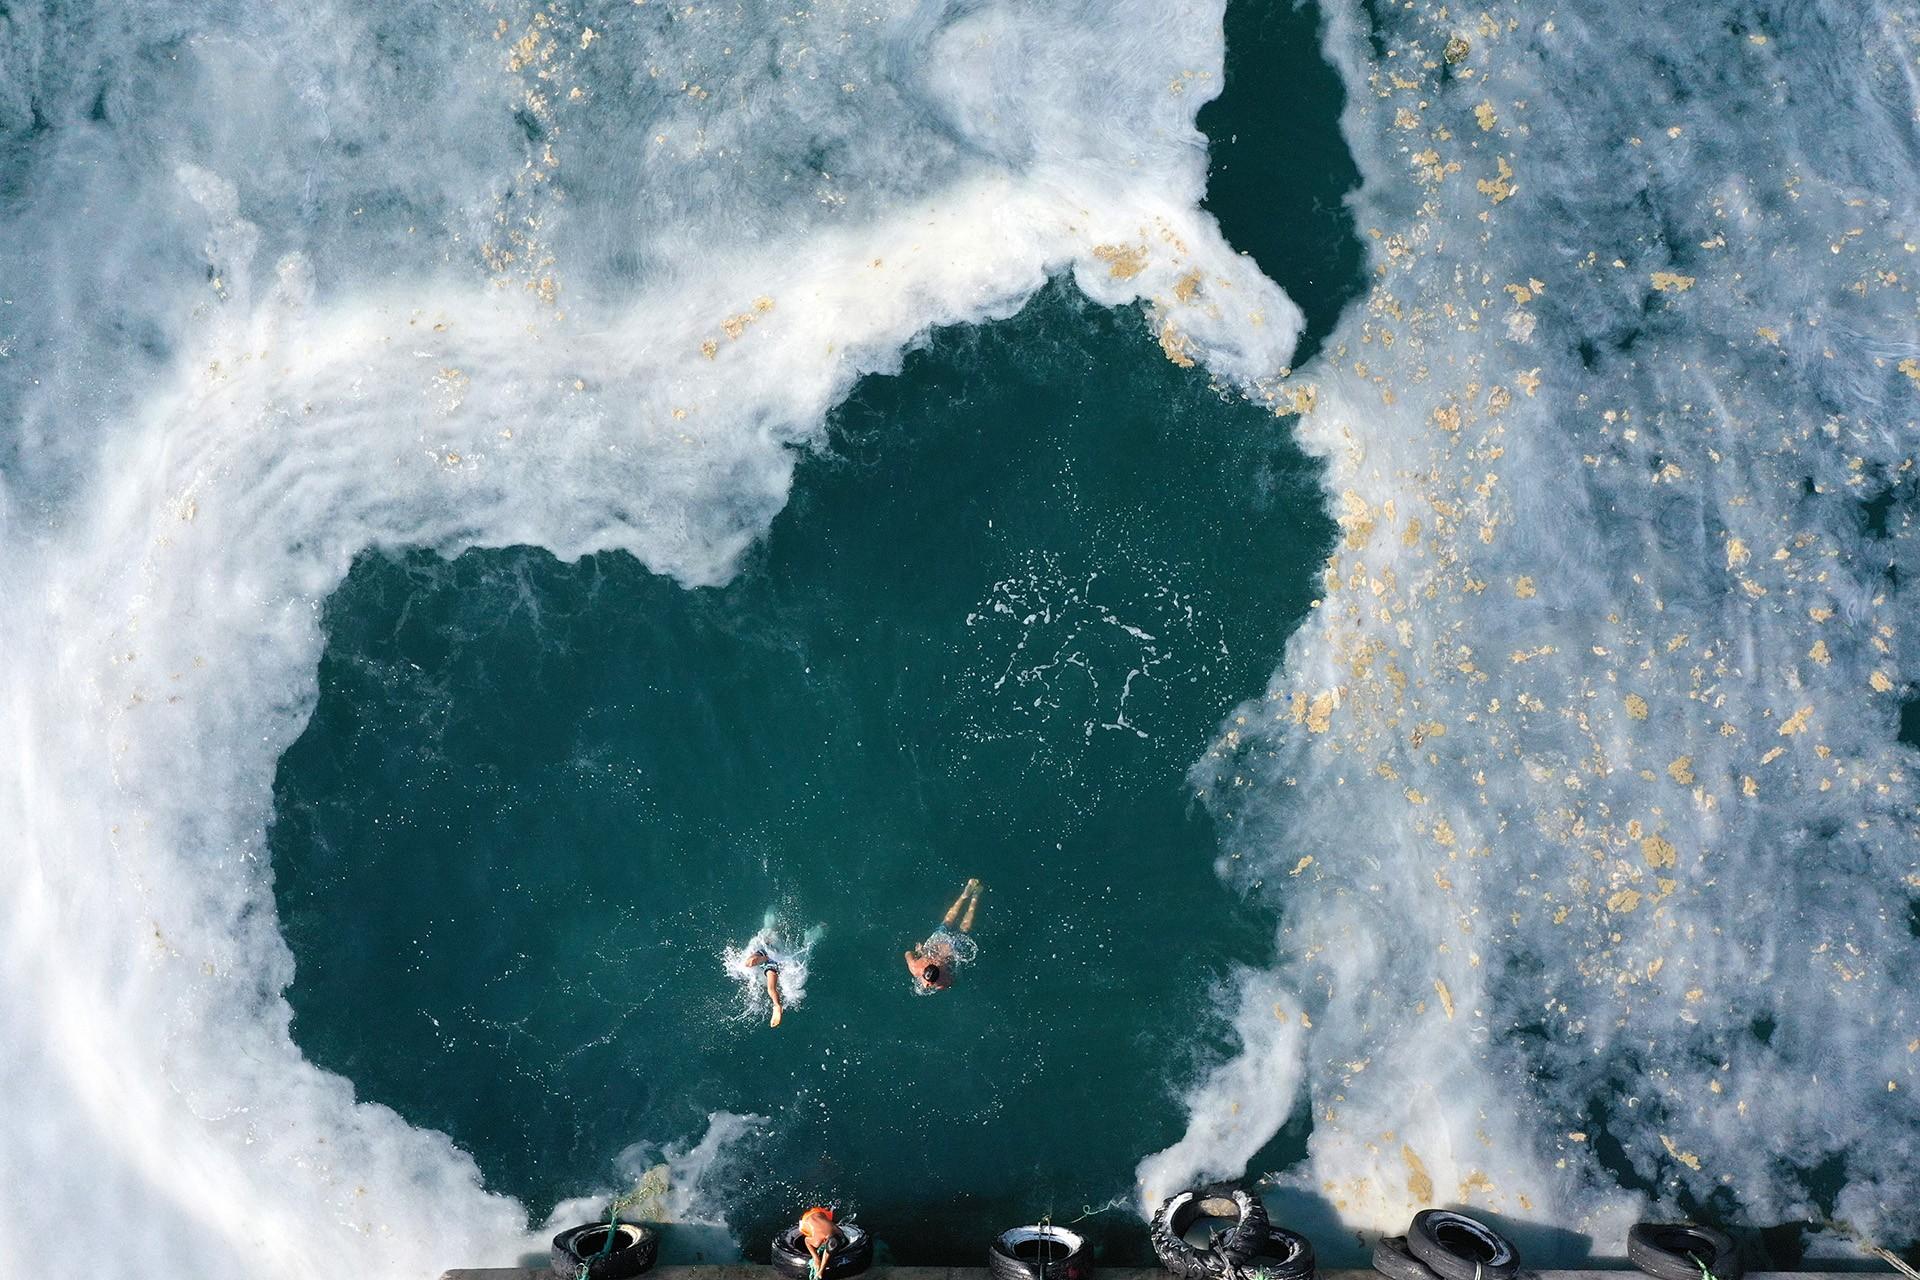 Müsilaj kaplı deniz ve yüzen çocuklar